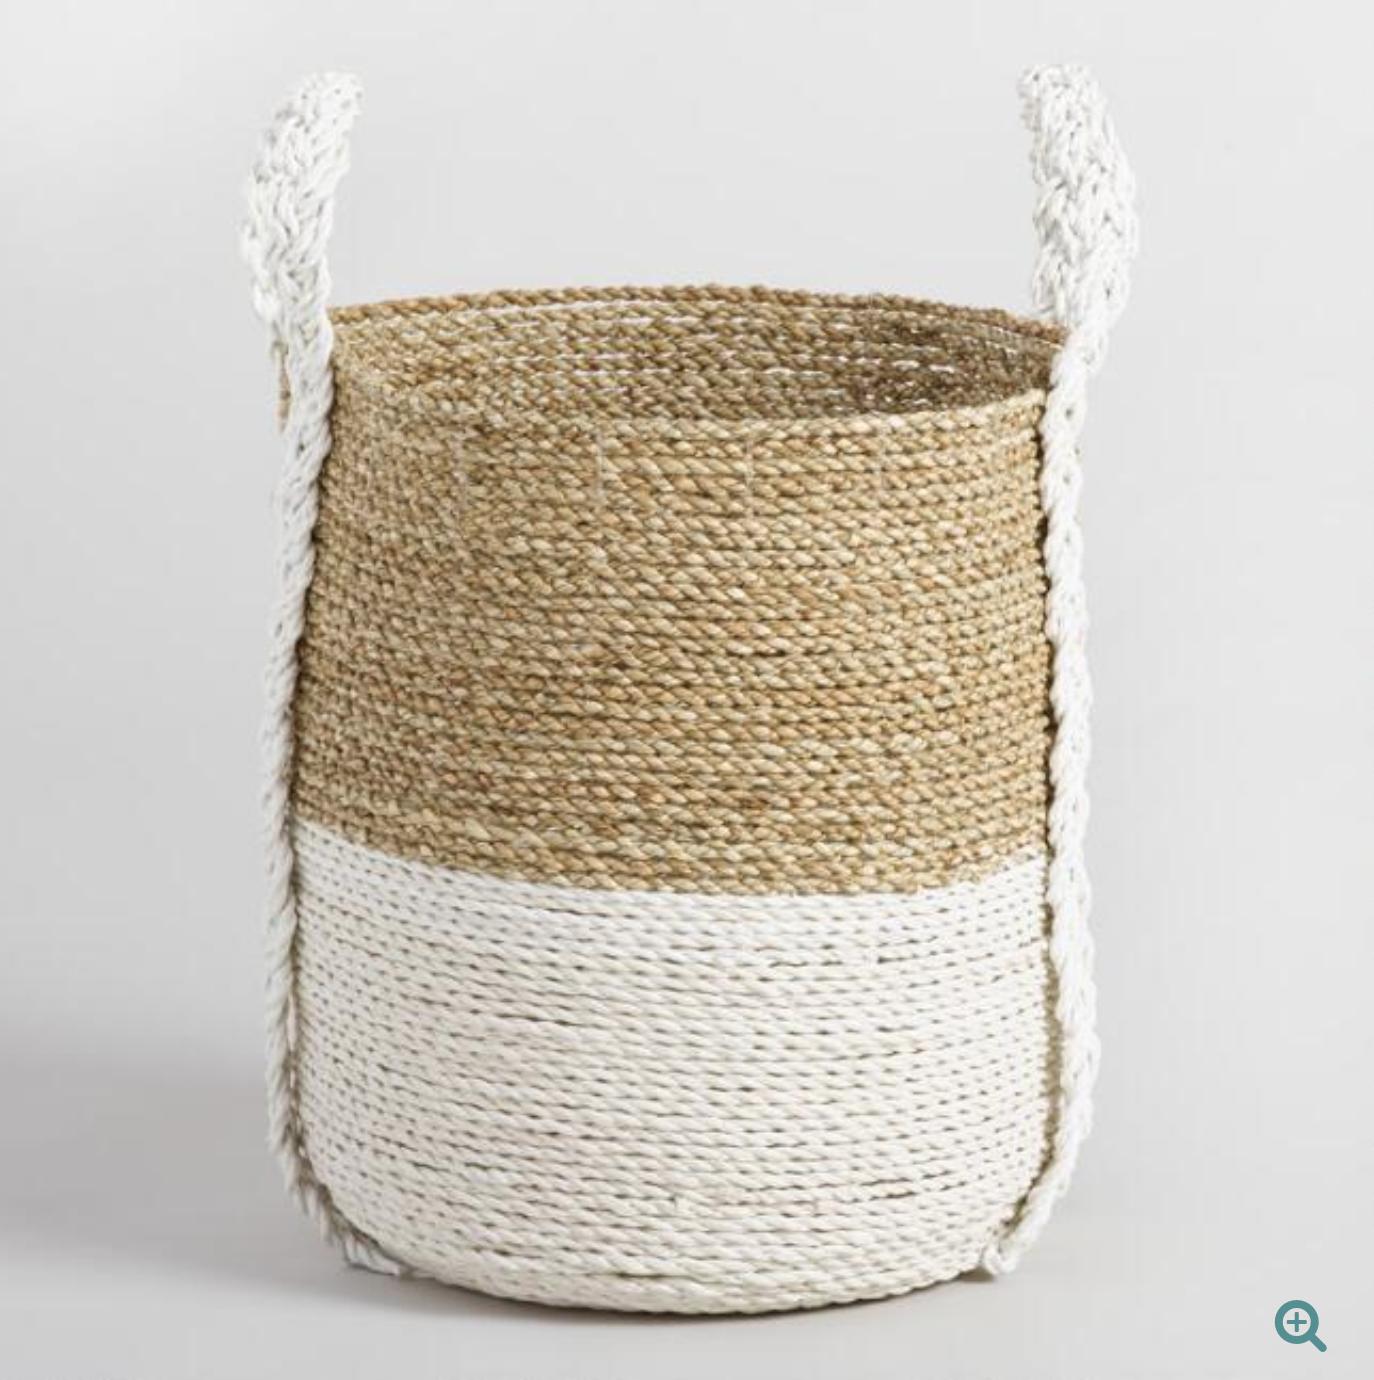 Basket (similar)